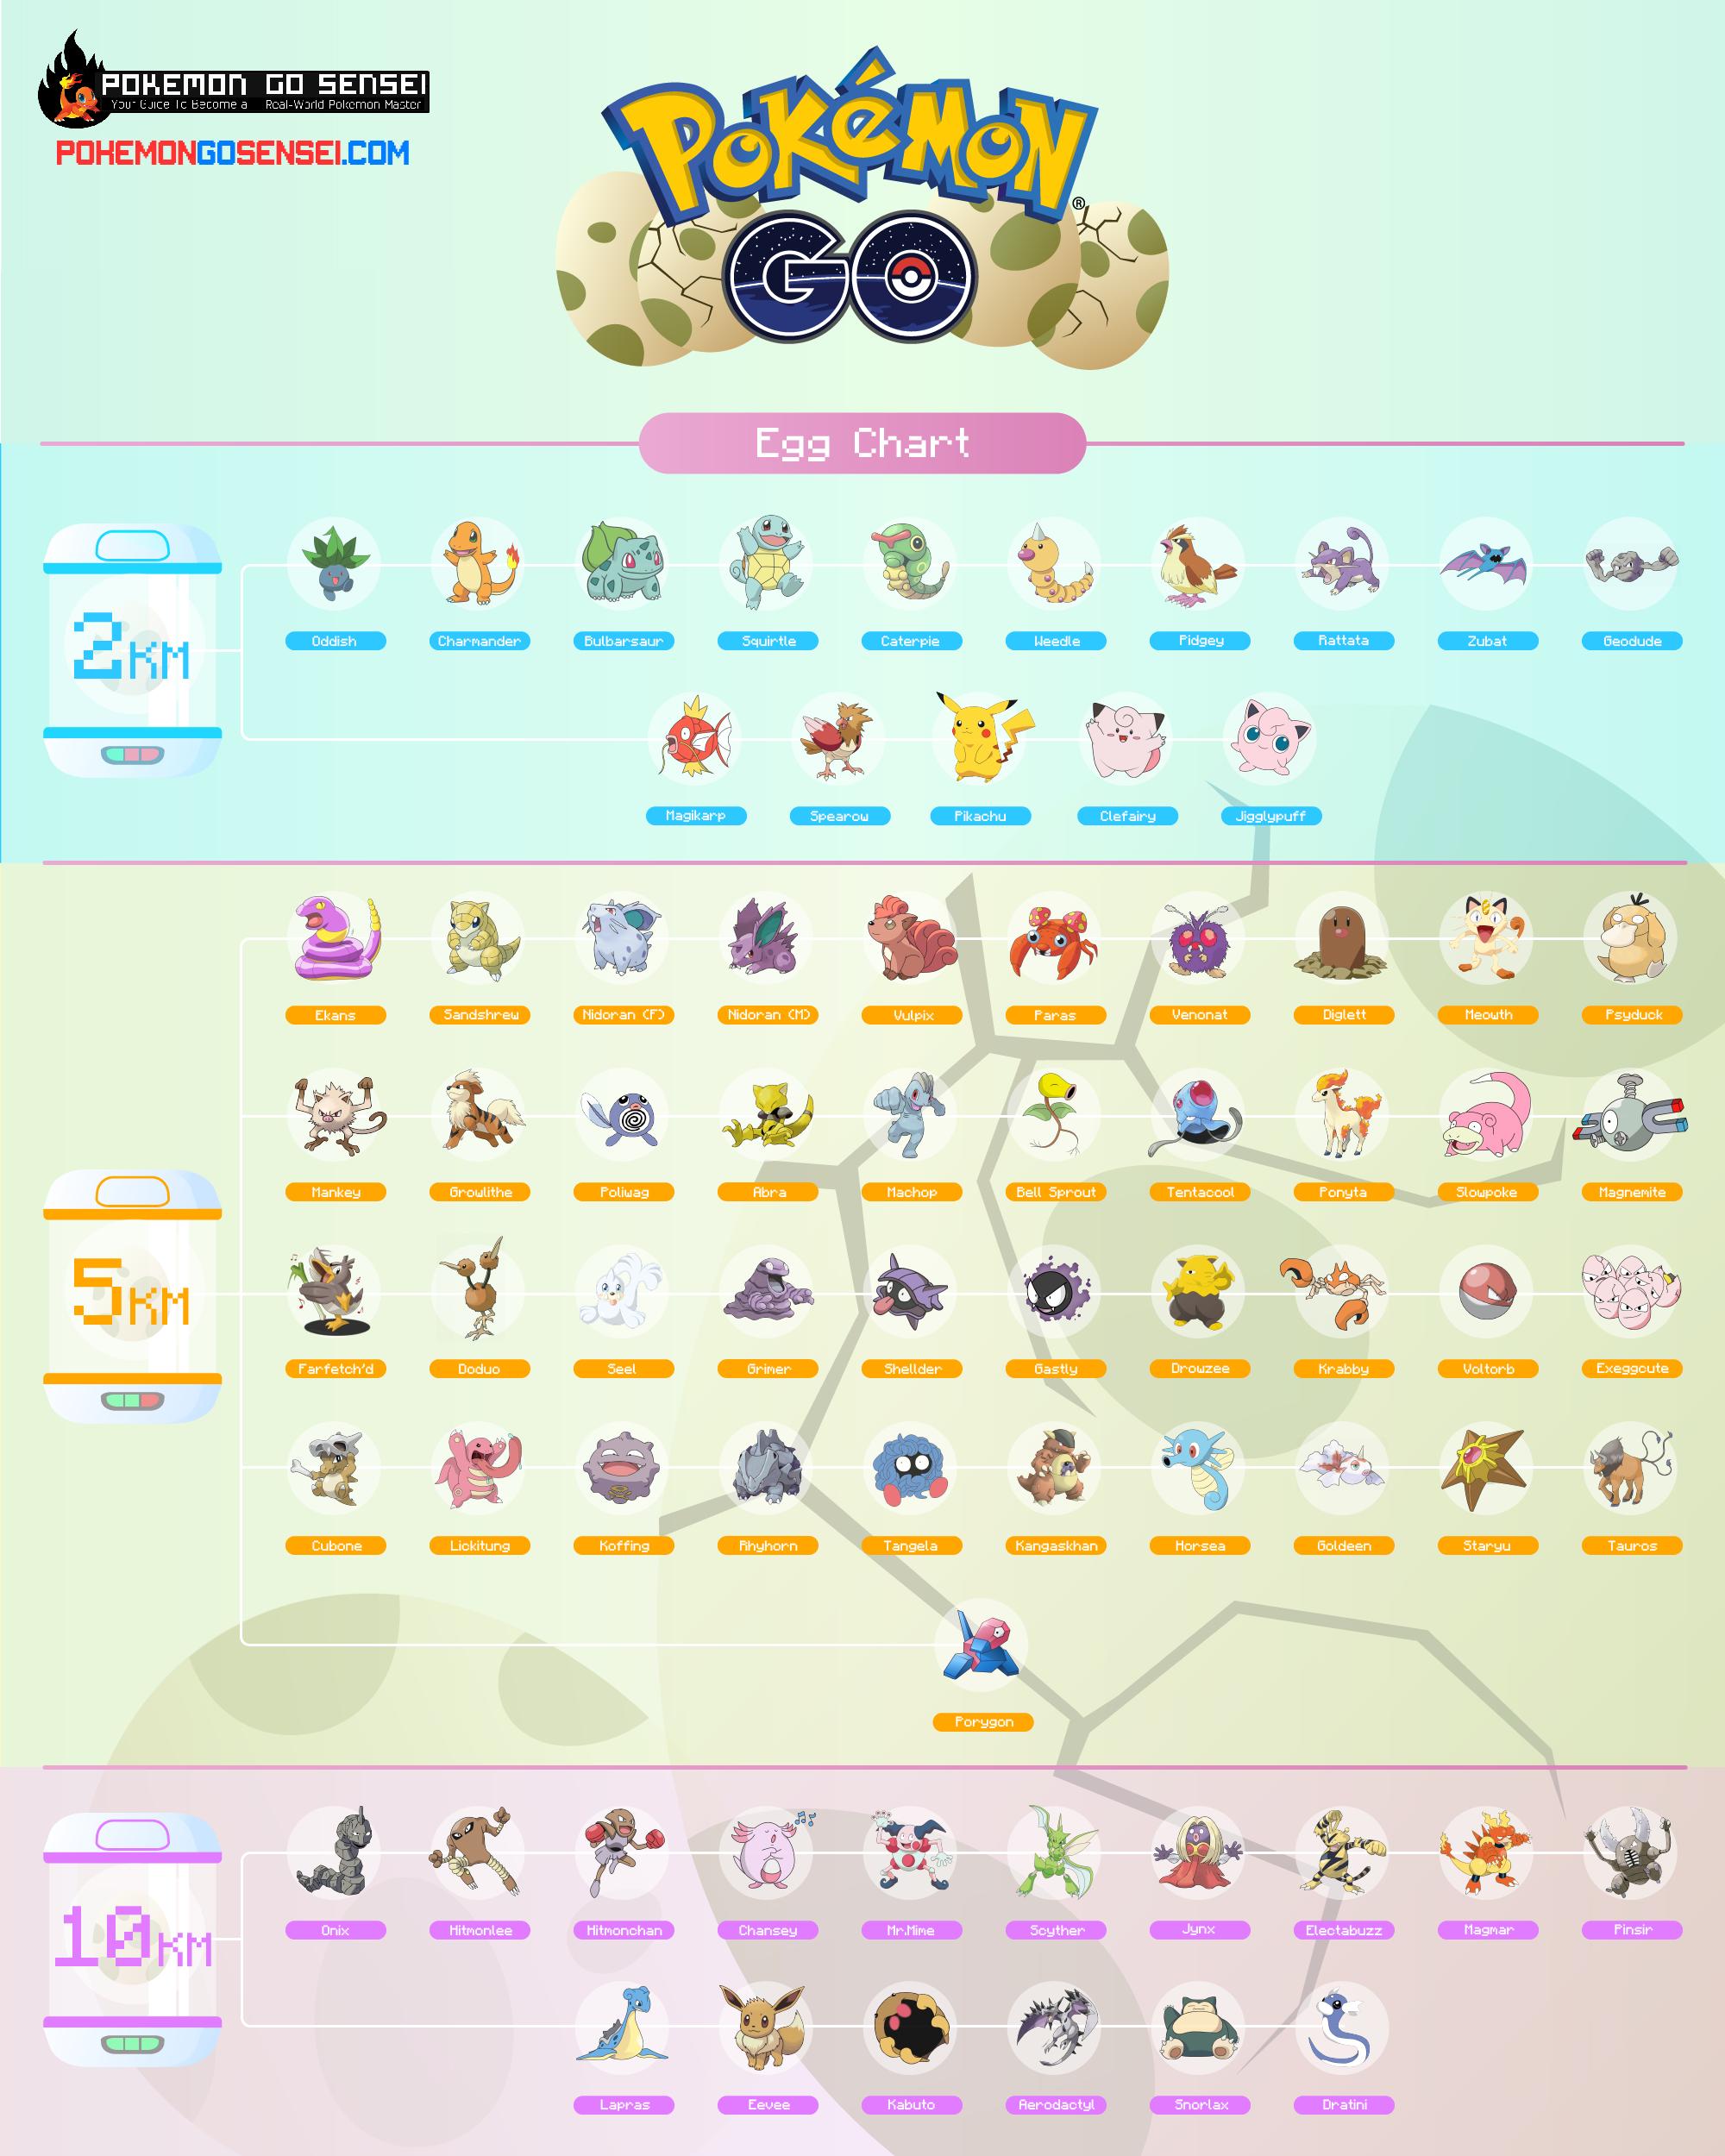 Pokemon go egg chart the ultimate guide to hatching eggs sensei also rh pinterest